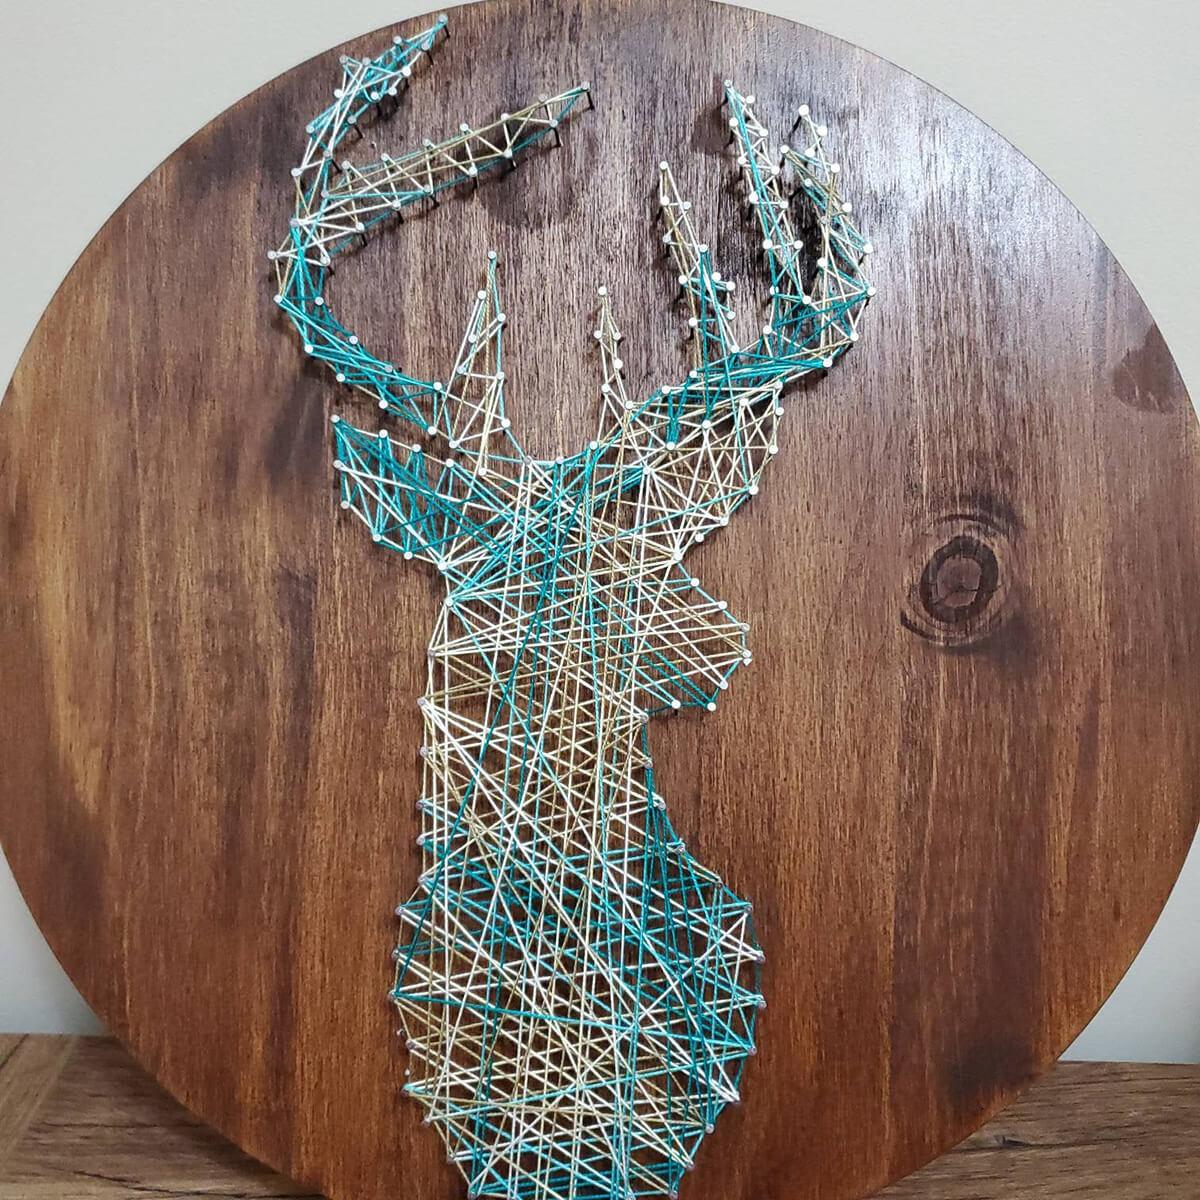 String Art contemporain fait maison en forme de daim